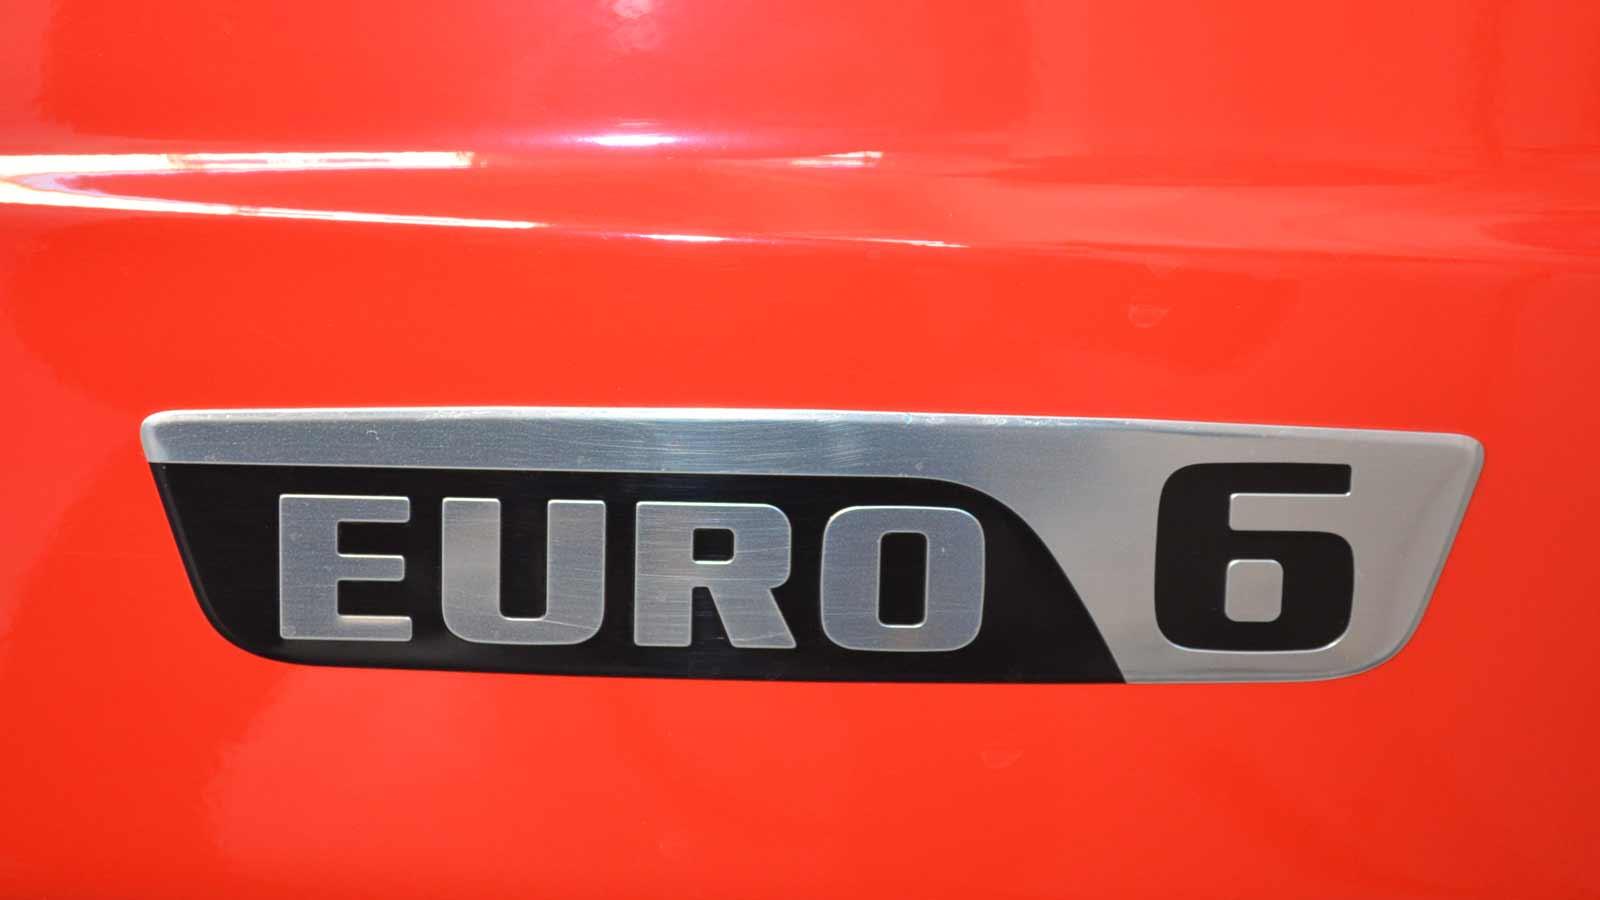 Euro6-Emblem.jpg